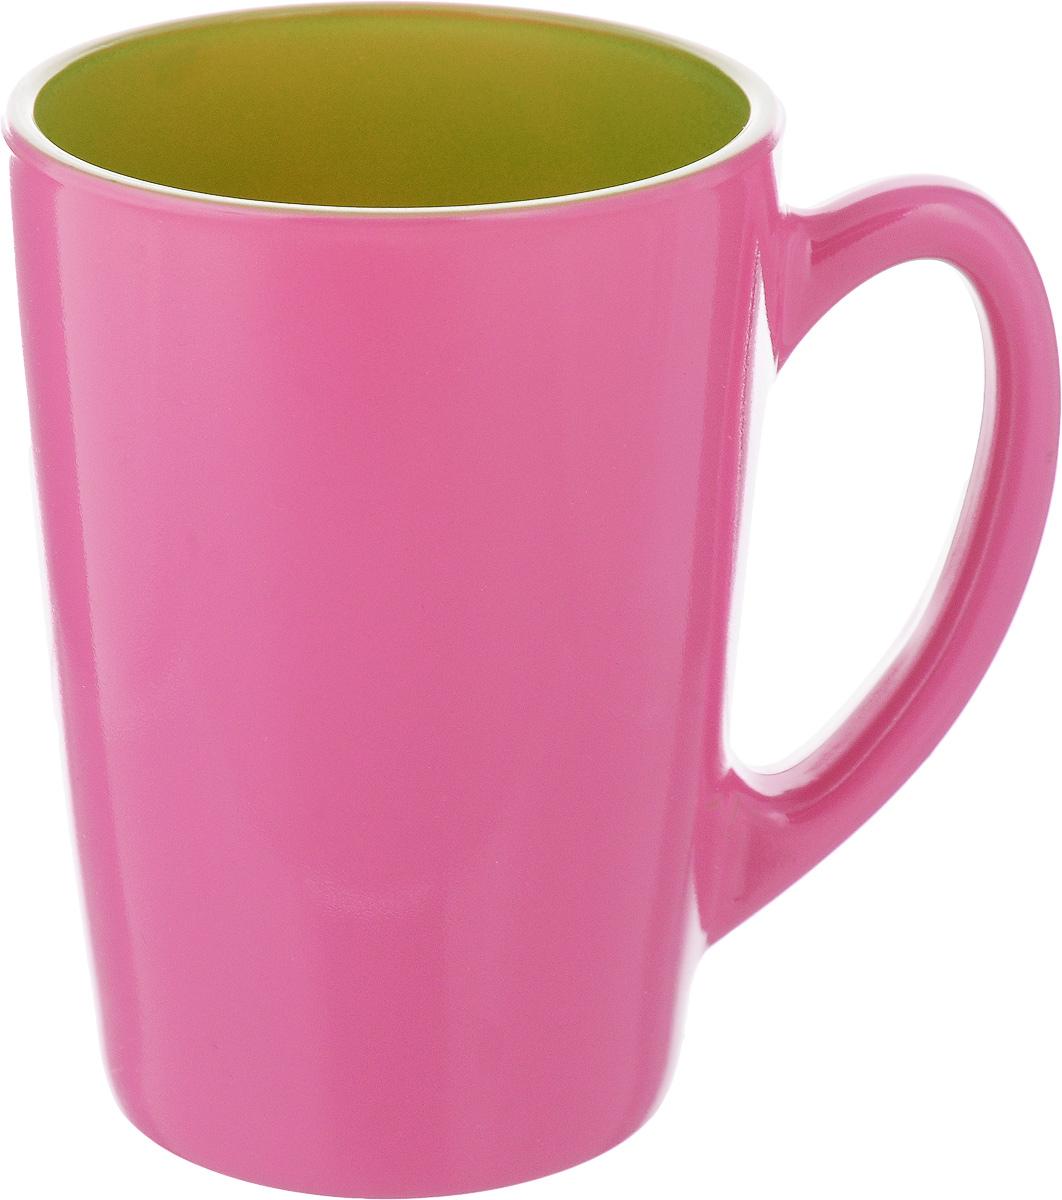 Кружка Luminarc Spring Break, цвет: малиновый, салатовый, 320 мл. J3417-1FS-91909Кружка Luminarc Spring Break, изготовленная из ударопрочного стекла, прекрасно подойдет для горячих и холодных напитков. Она дополнит коллекцию вашей кухонной посуды и будет служить долгие годы. Можно использовать в микроволновой печи и мыть в посудомоечной машине. Диаметр кружки (по верхнему краю): 8 см.Высота стенки кружки: 11 см.